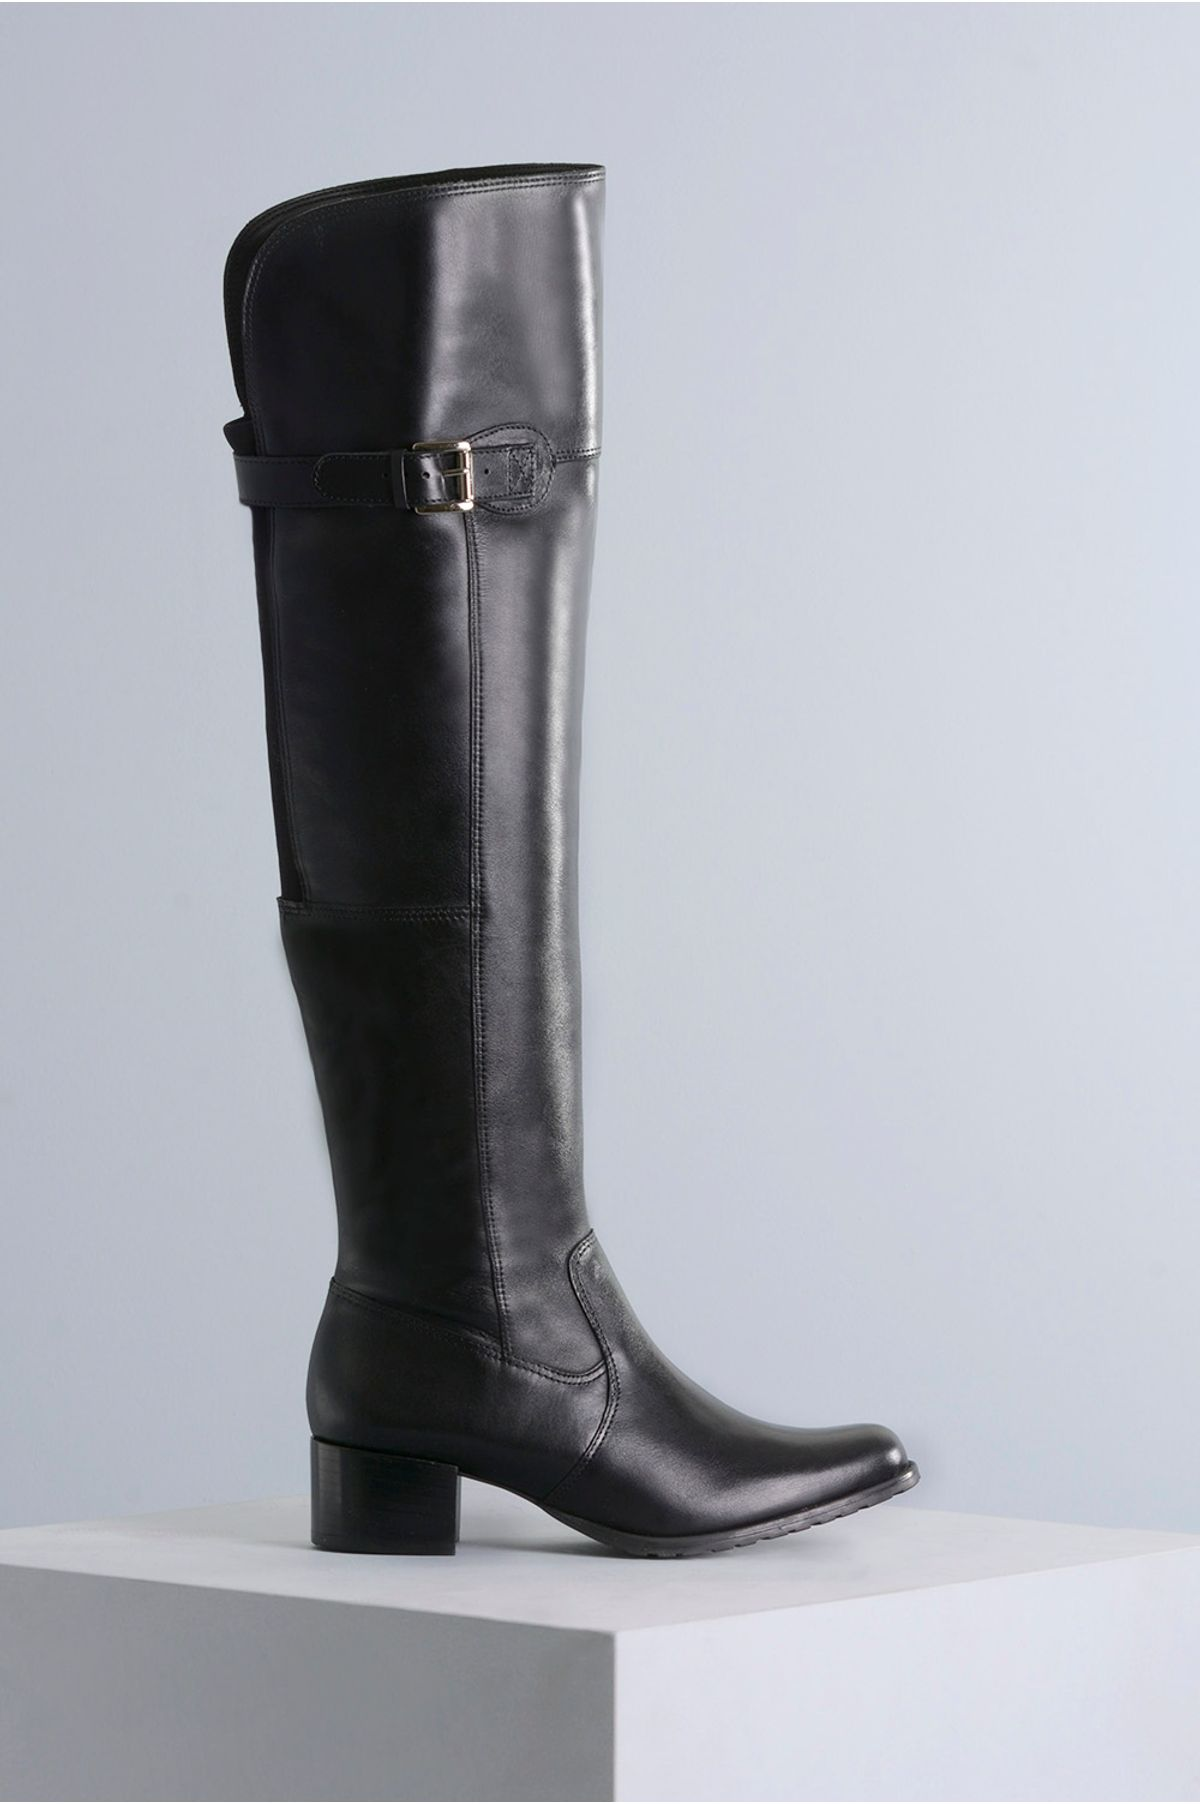 Bota Feminina Cano Longo Monyser Mundial CR-PRETO - Mundial Calçados 62d552fa4e